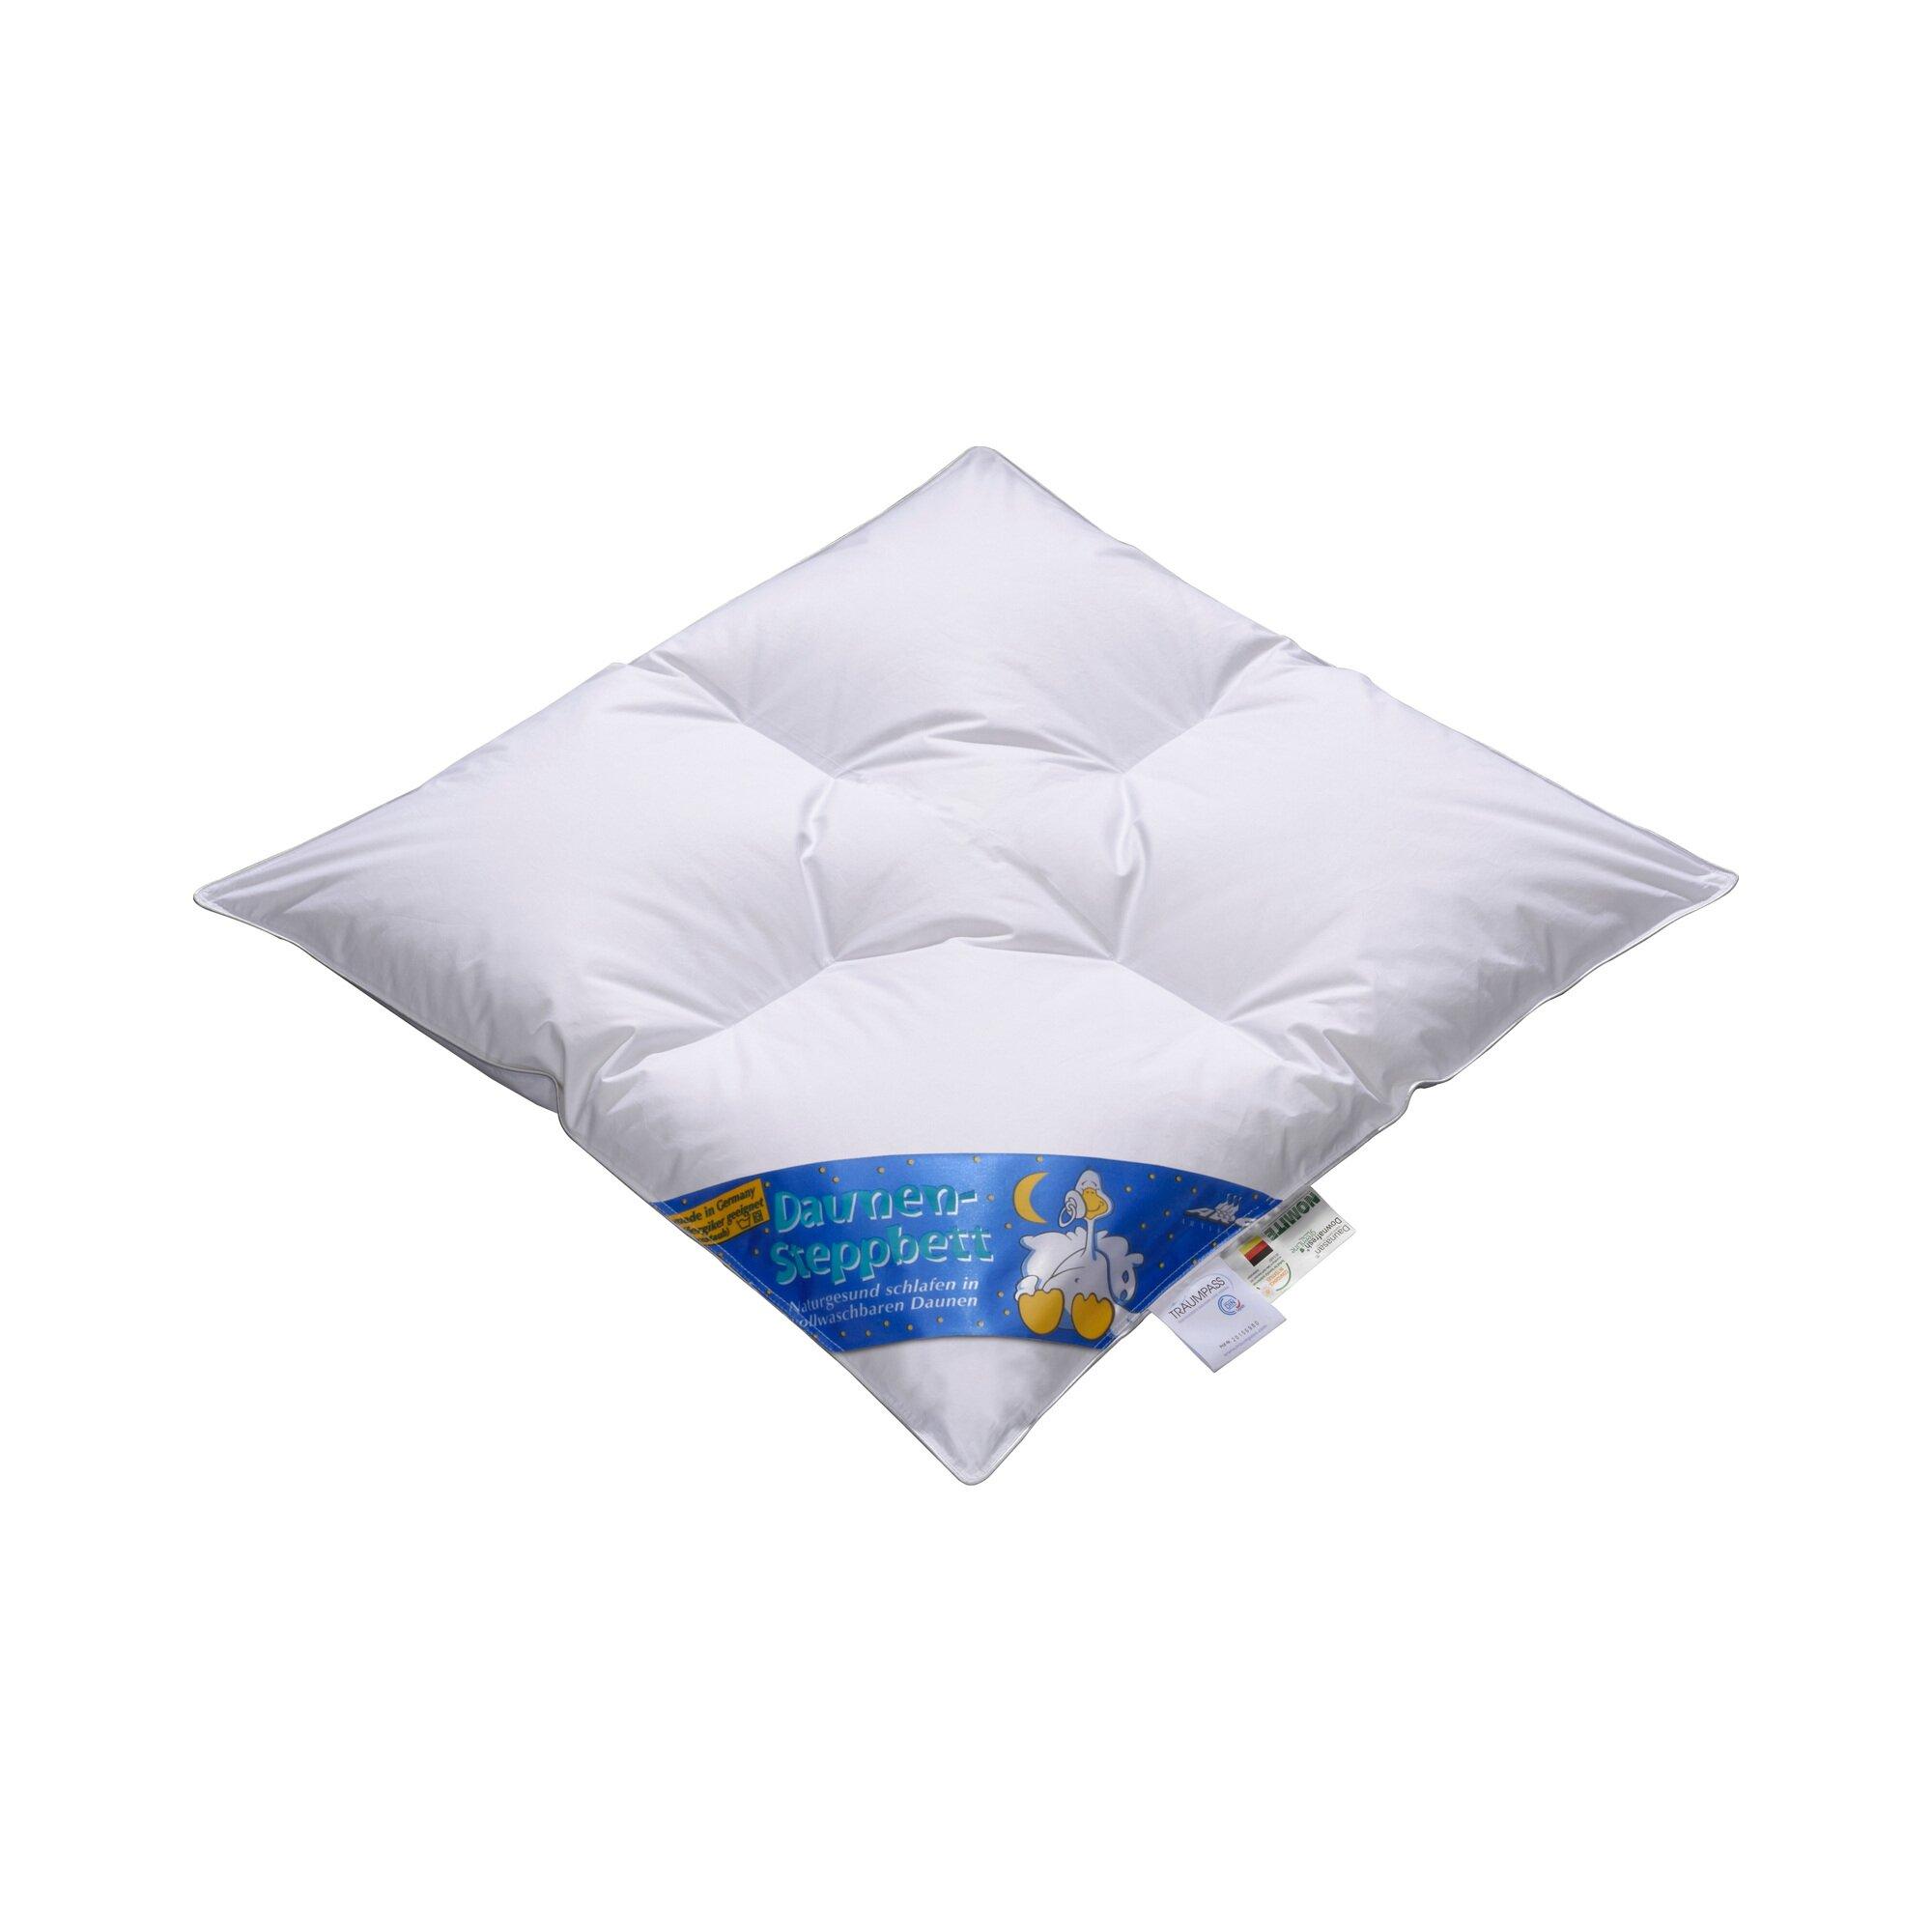 Aro Artländer Daunen-Bettdecke Dauna Medica® 80x80 cm weiss